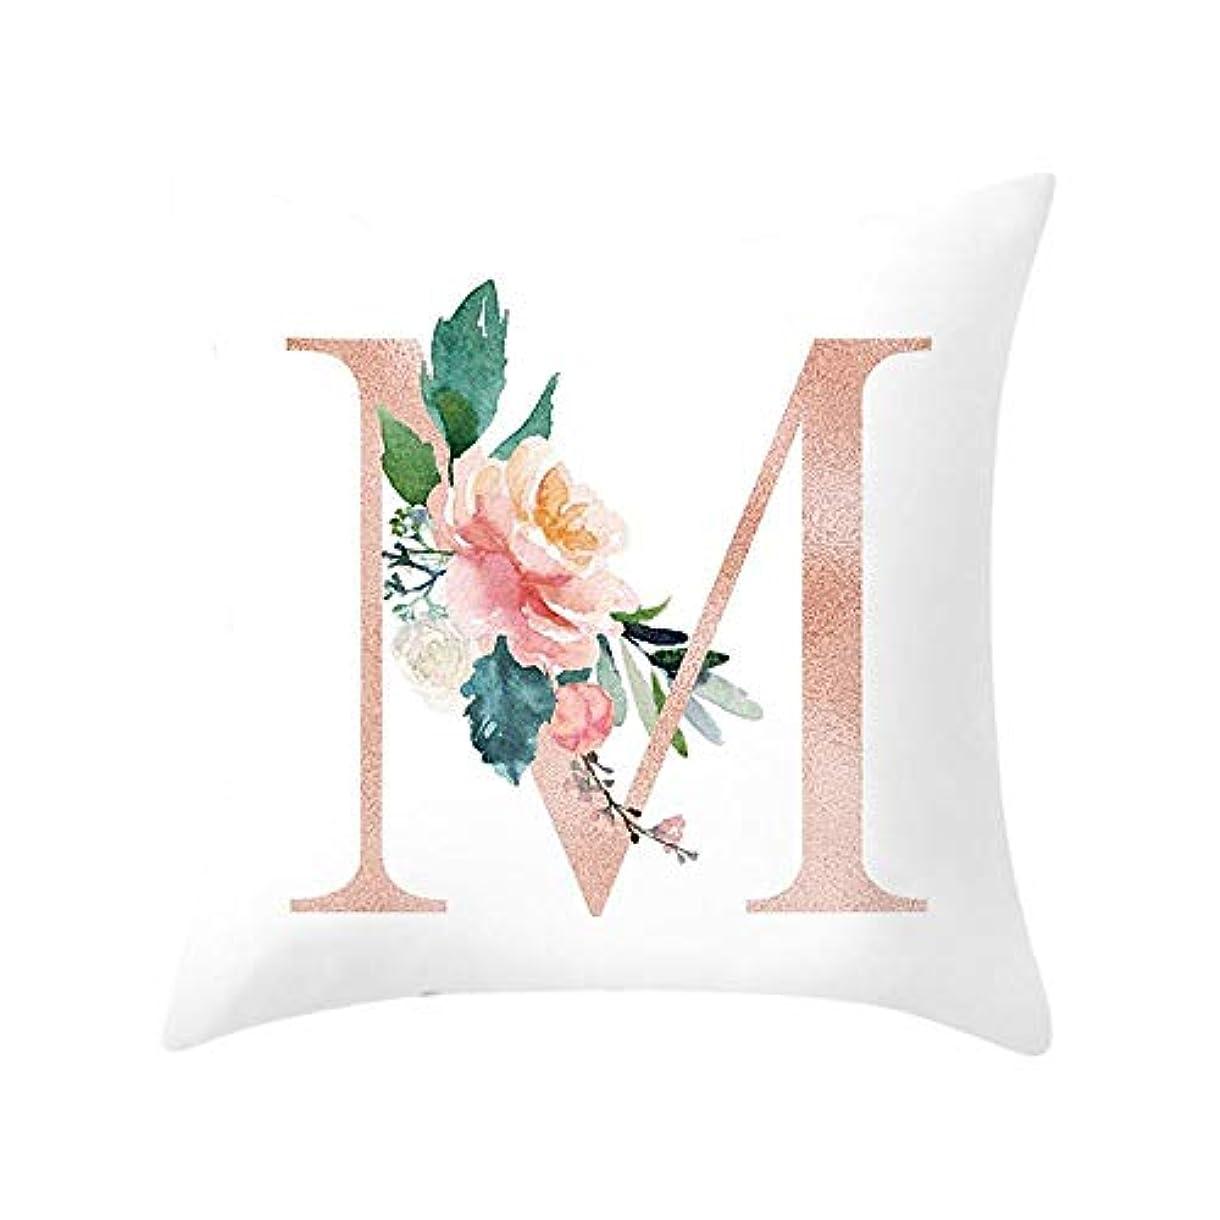 エイリアンくつろぐ下にLIFE 装飾クッションソファ手紙枕アルファベットクッション印刷ソファ家の装飾の花枕 coussin decoratif クッション 椅子